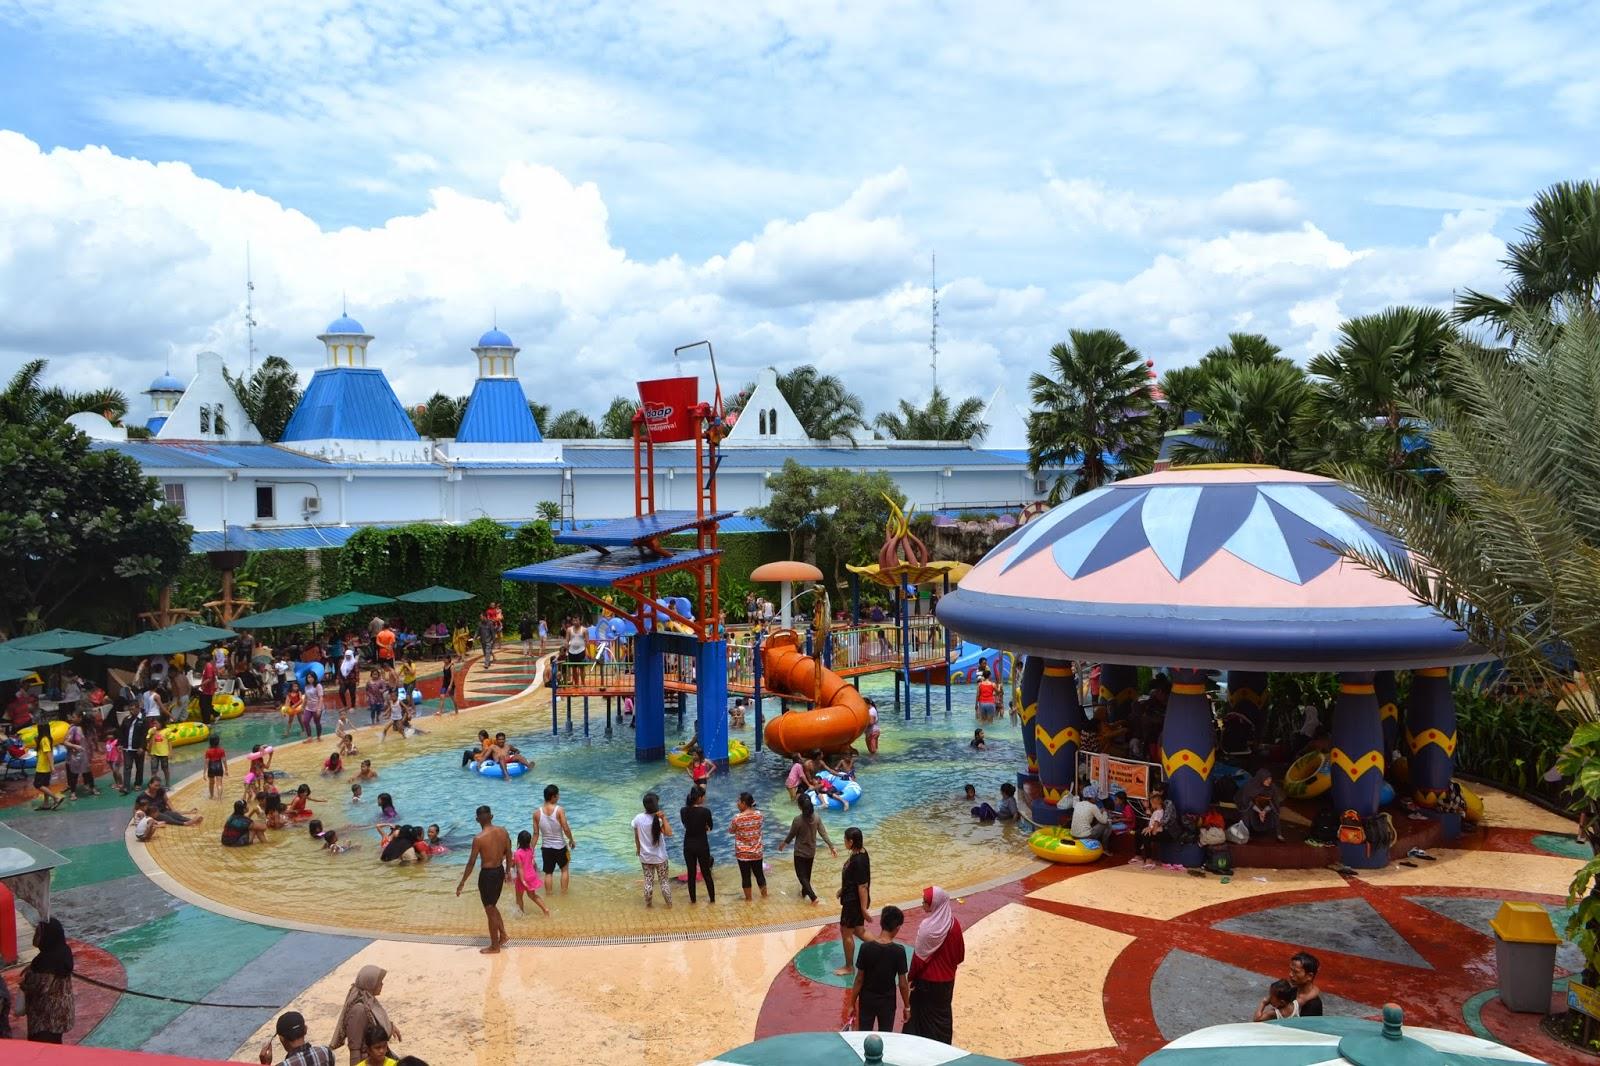 image citra raya water park